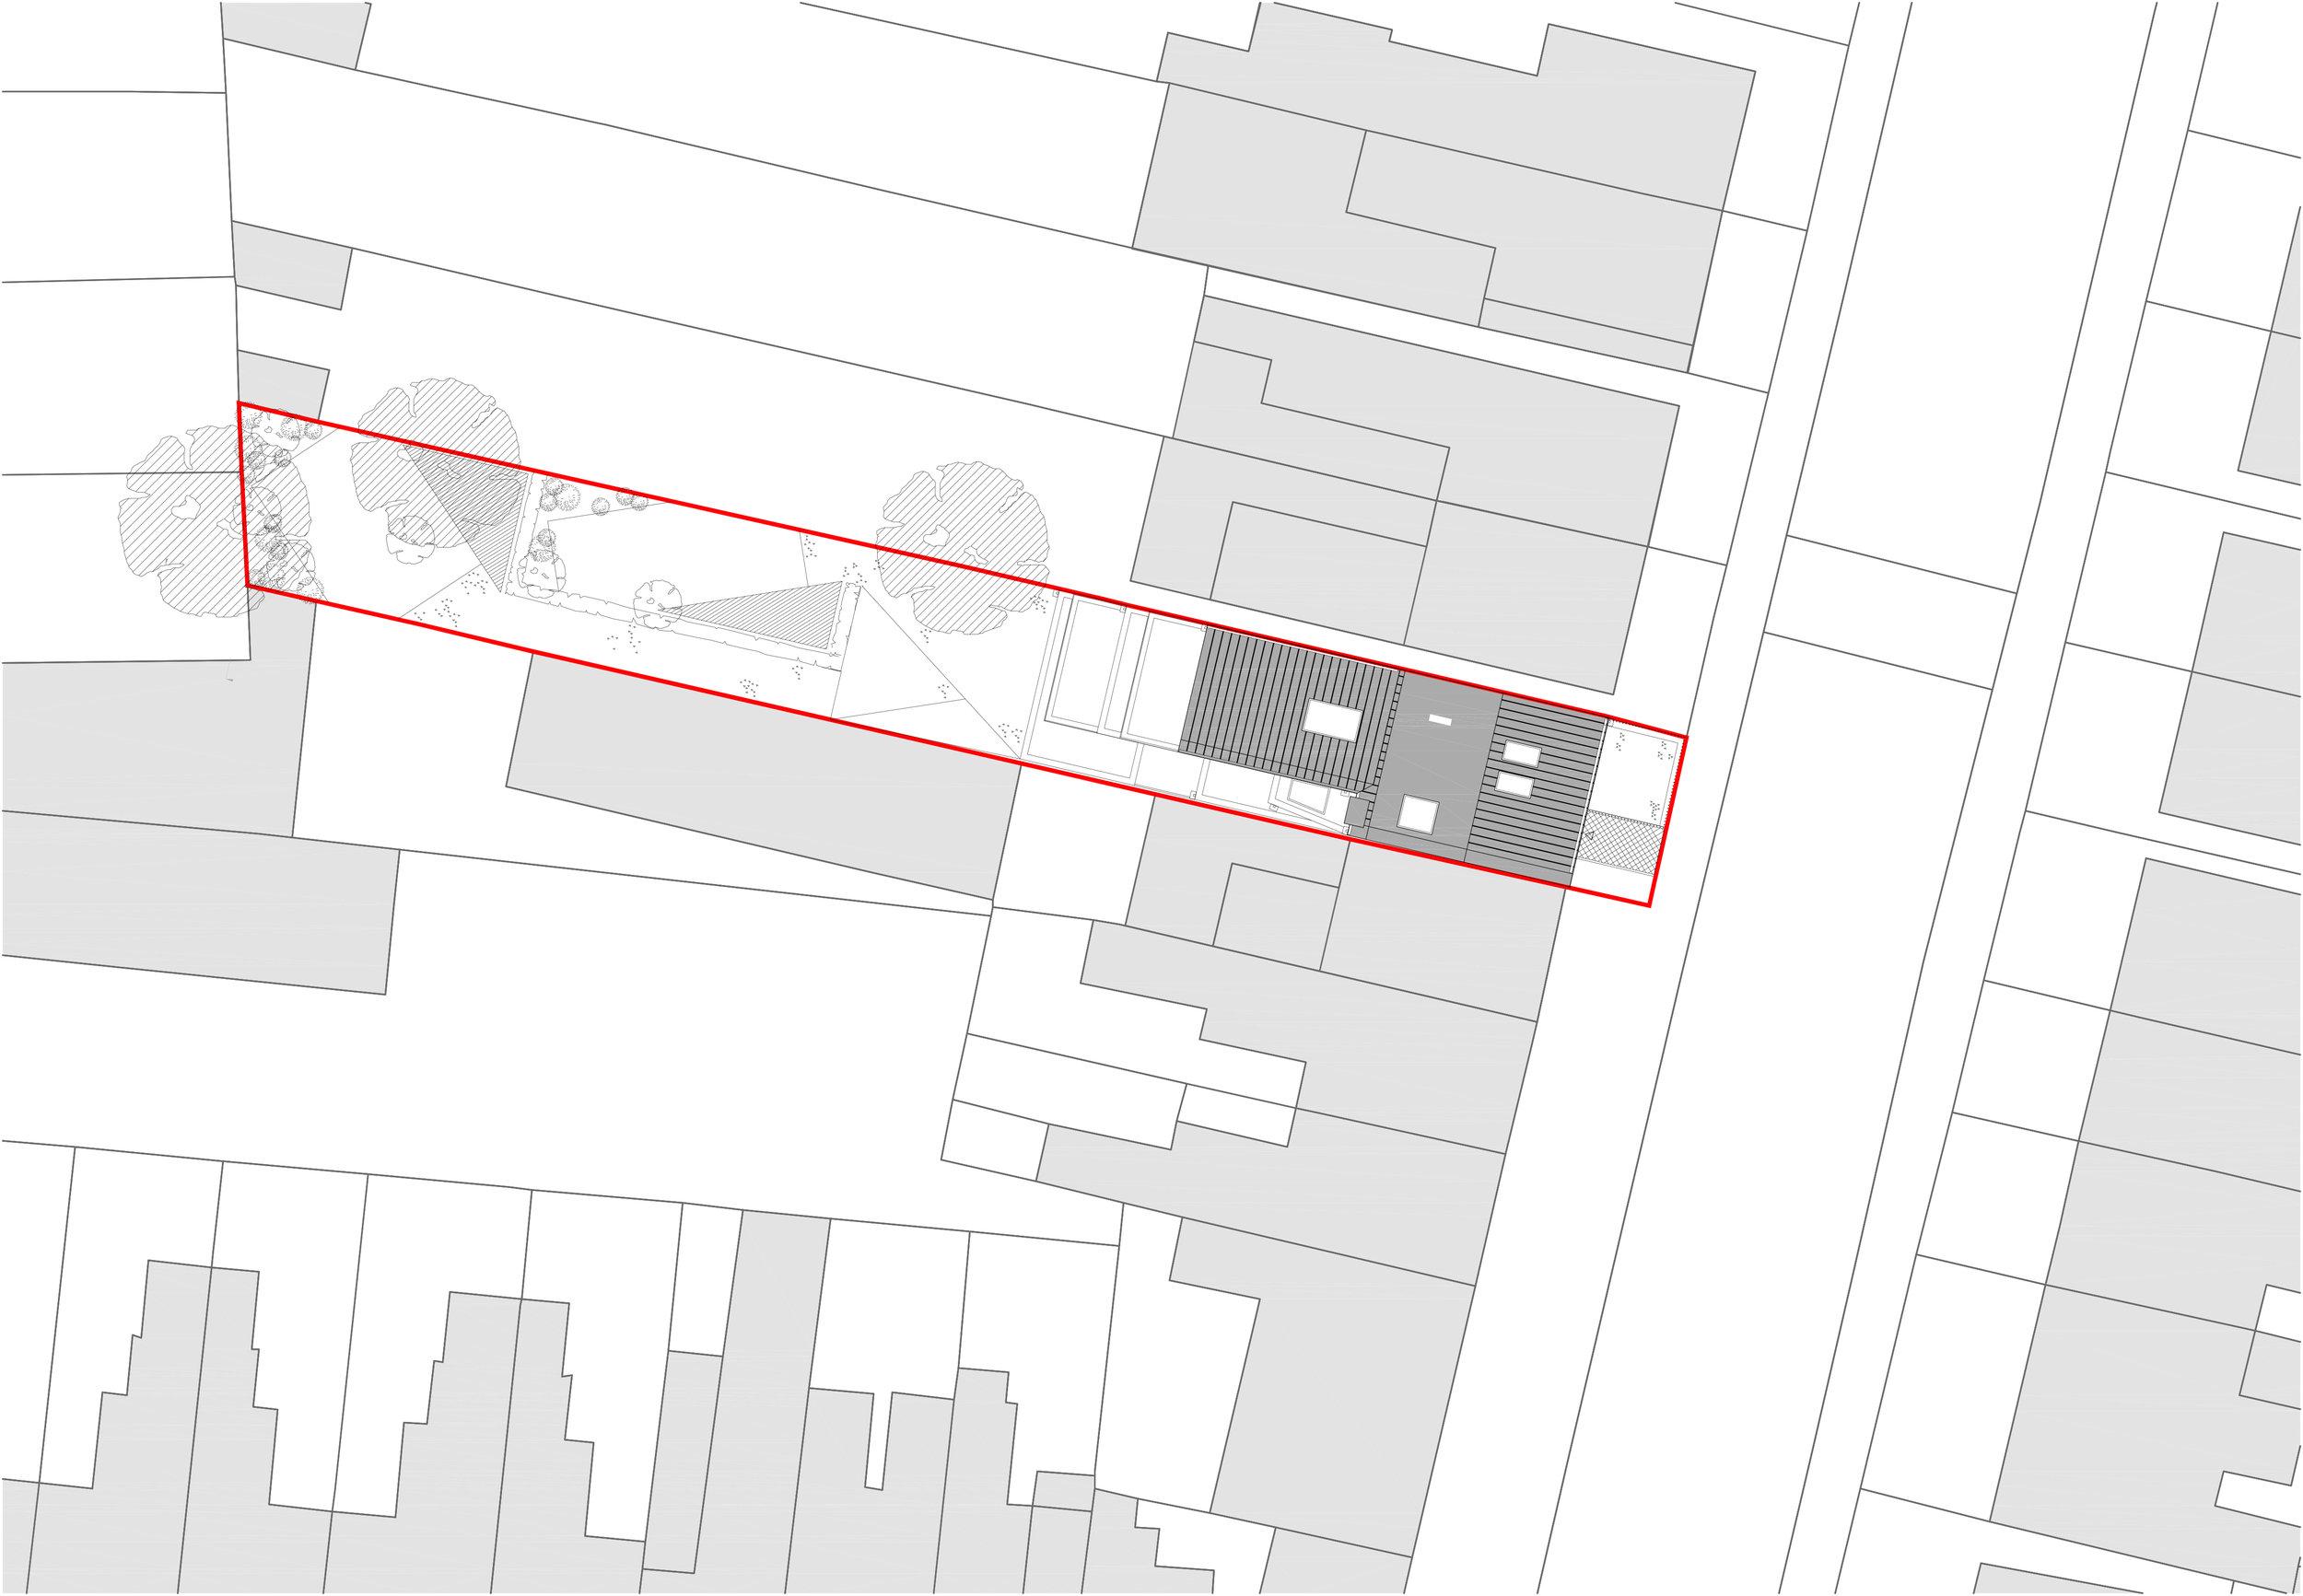 1070_Planning drawings - WEBSITE OPTIMIZED - SITE PLAN.jpg